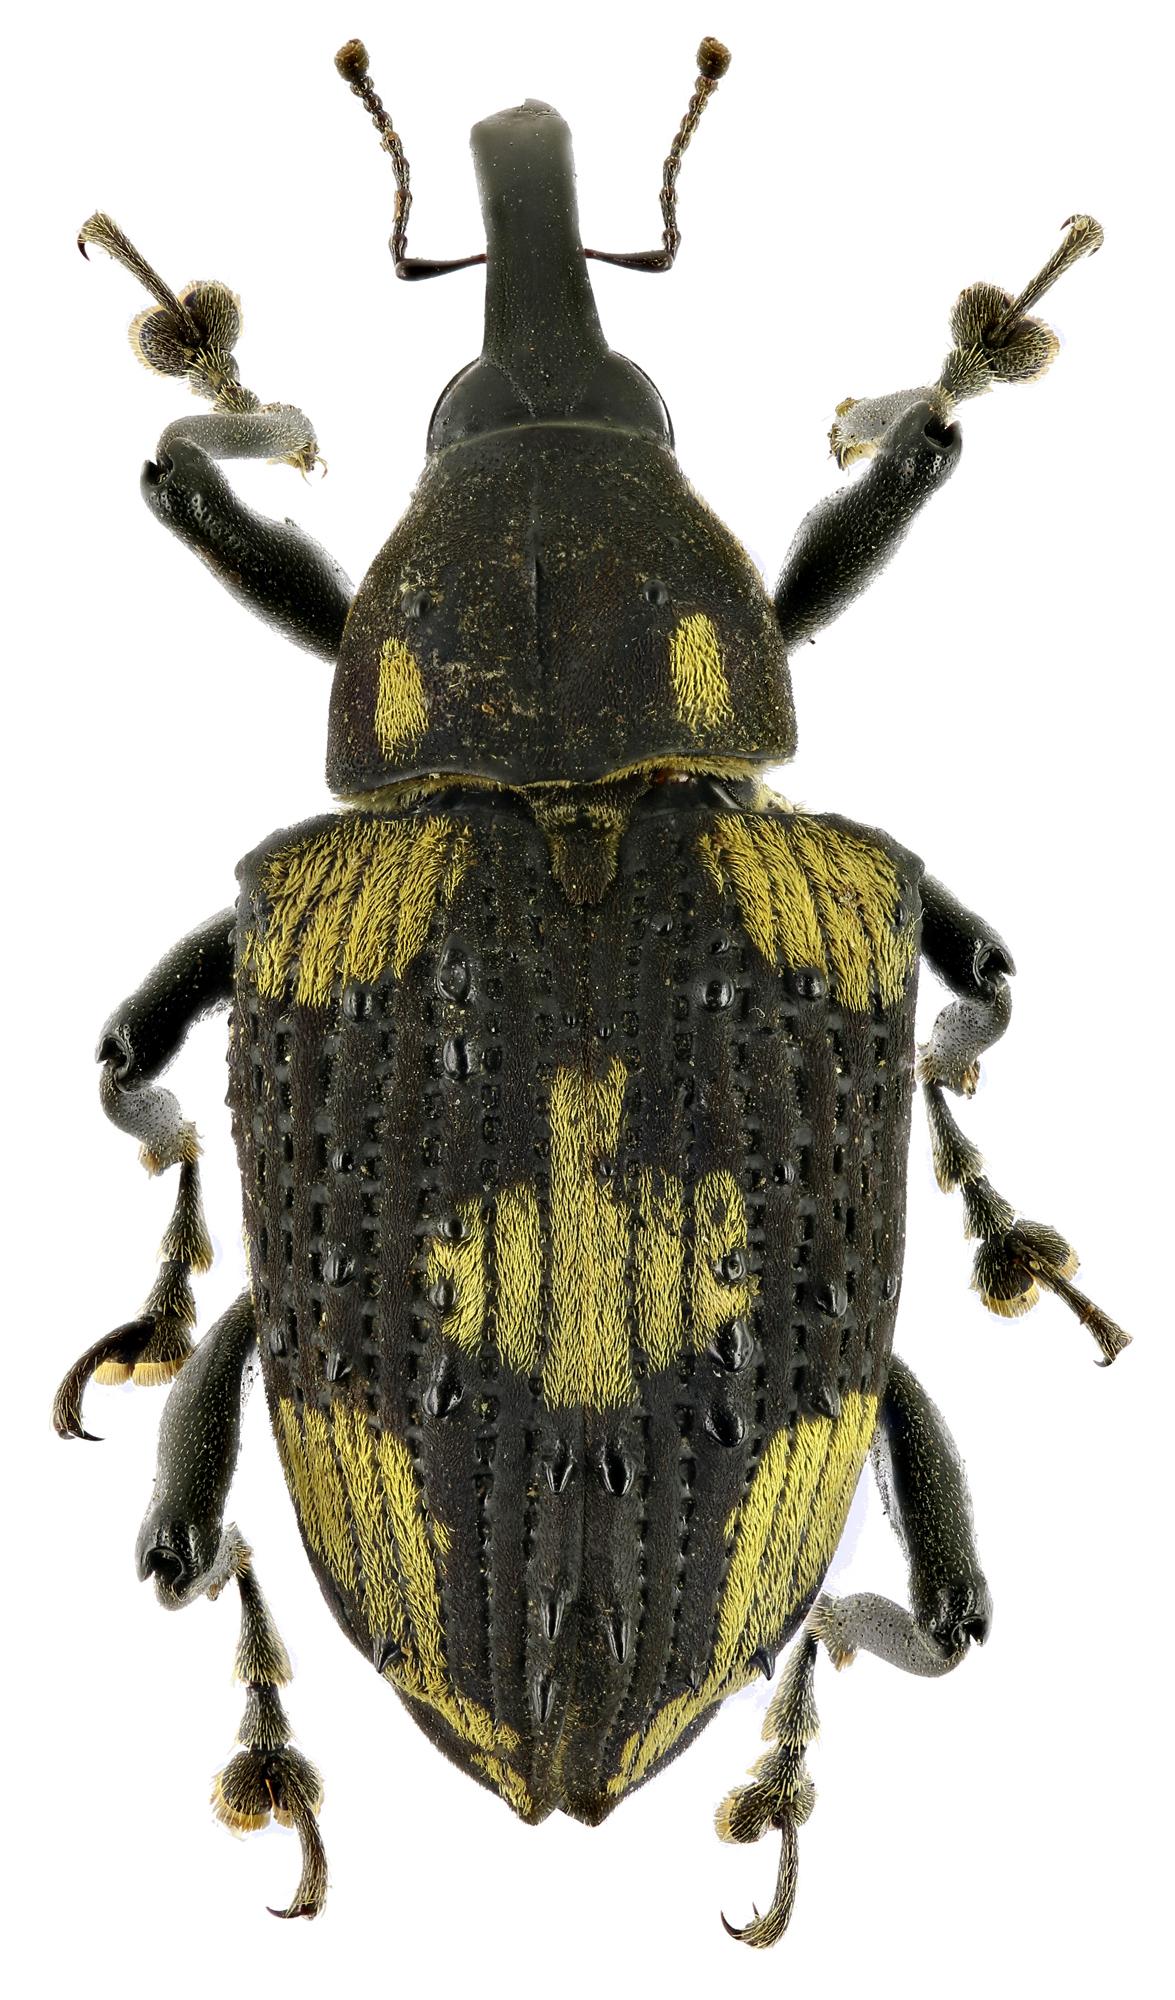 Cratosomus dejeani EOS70D4089zs08p.jpg